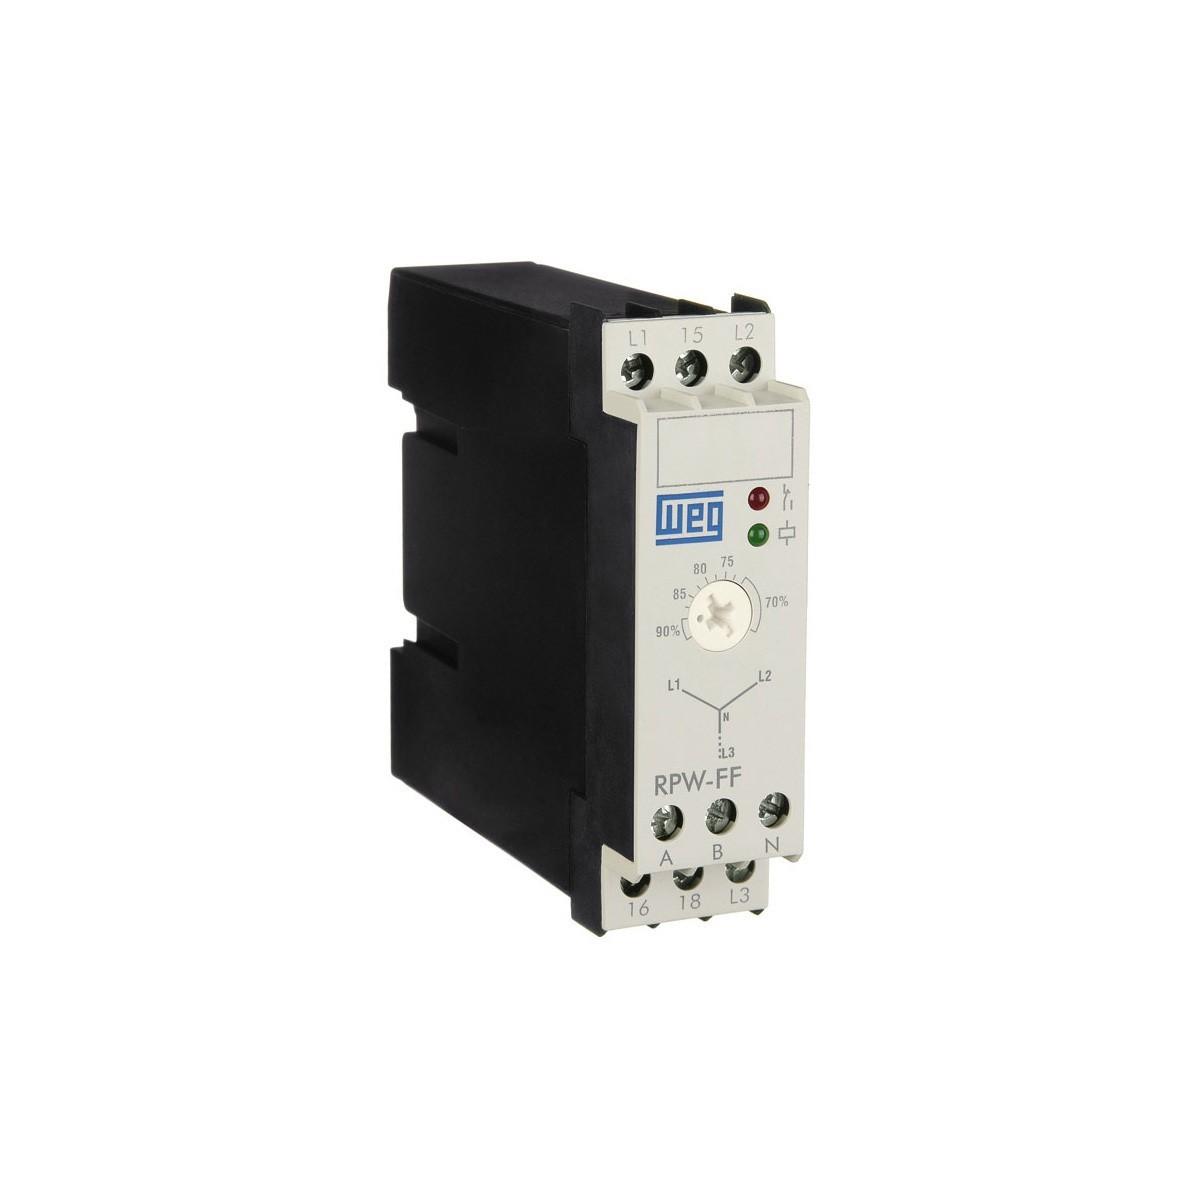 Relé de Proteção de Falta de Fase RPW-FF 380-415V WEG